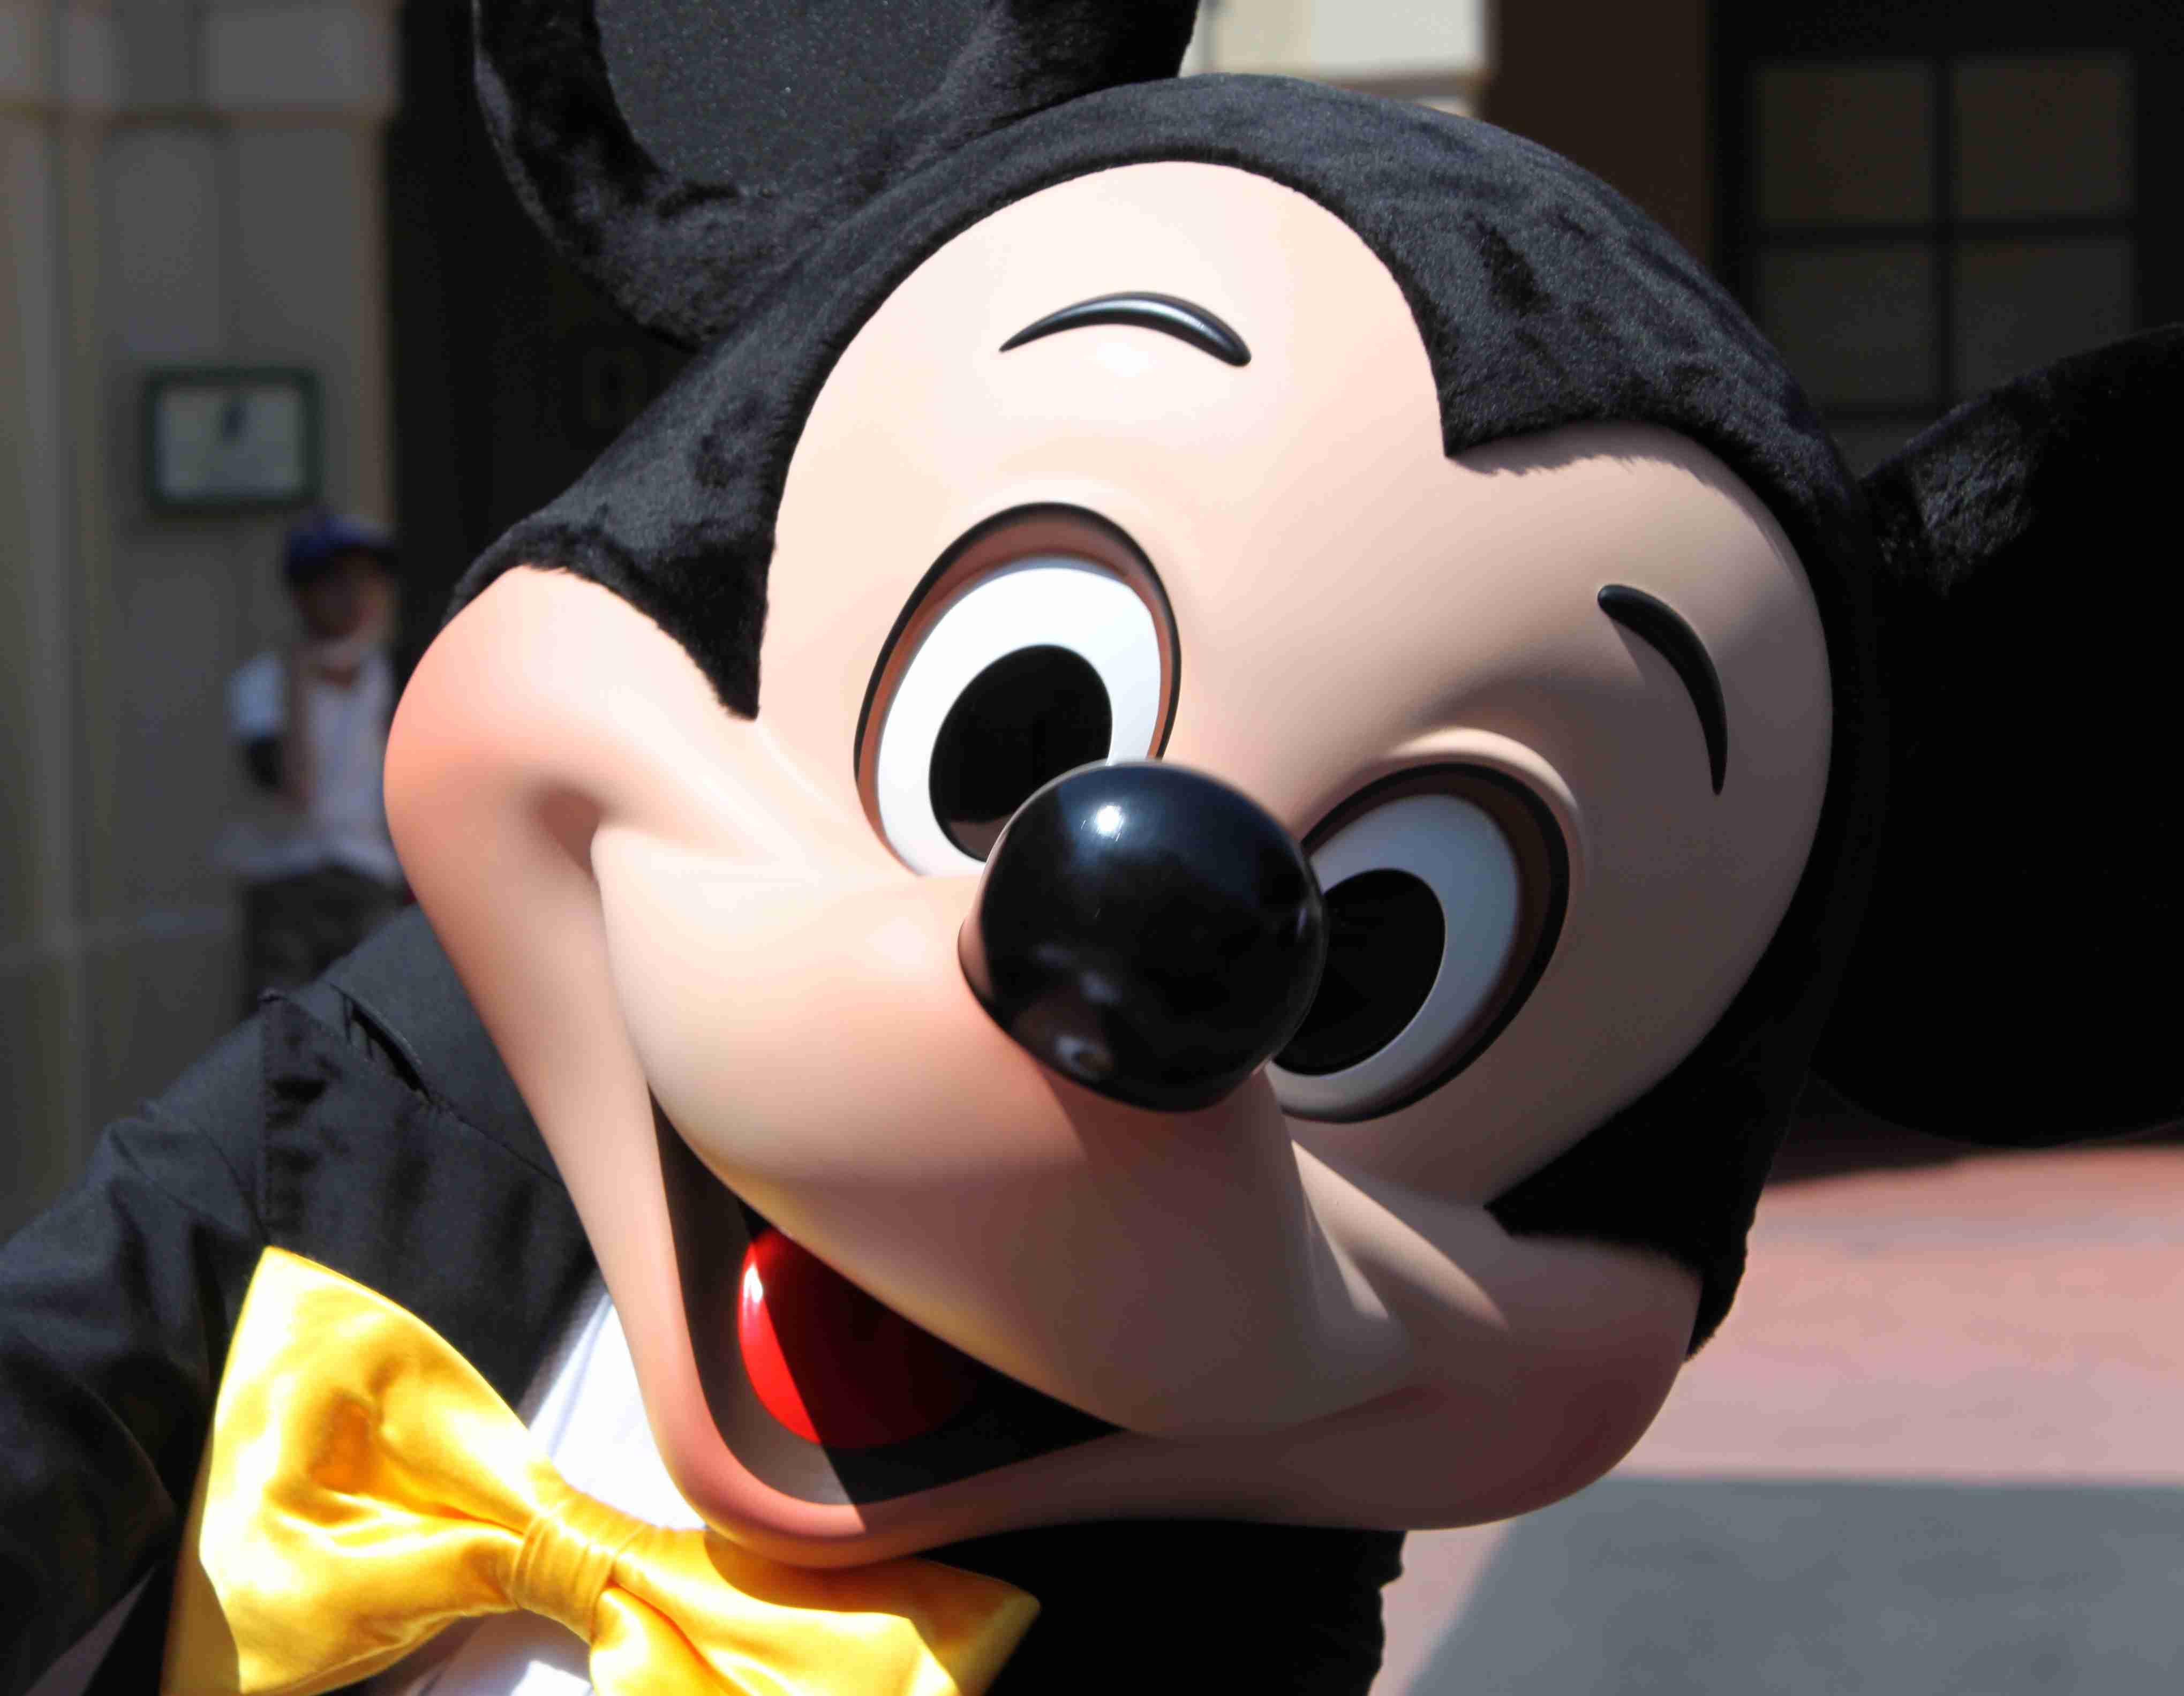 ミッキーマウスが絶対に言わなさそうなセリフを考えよう